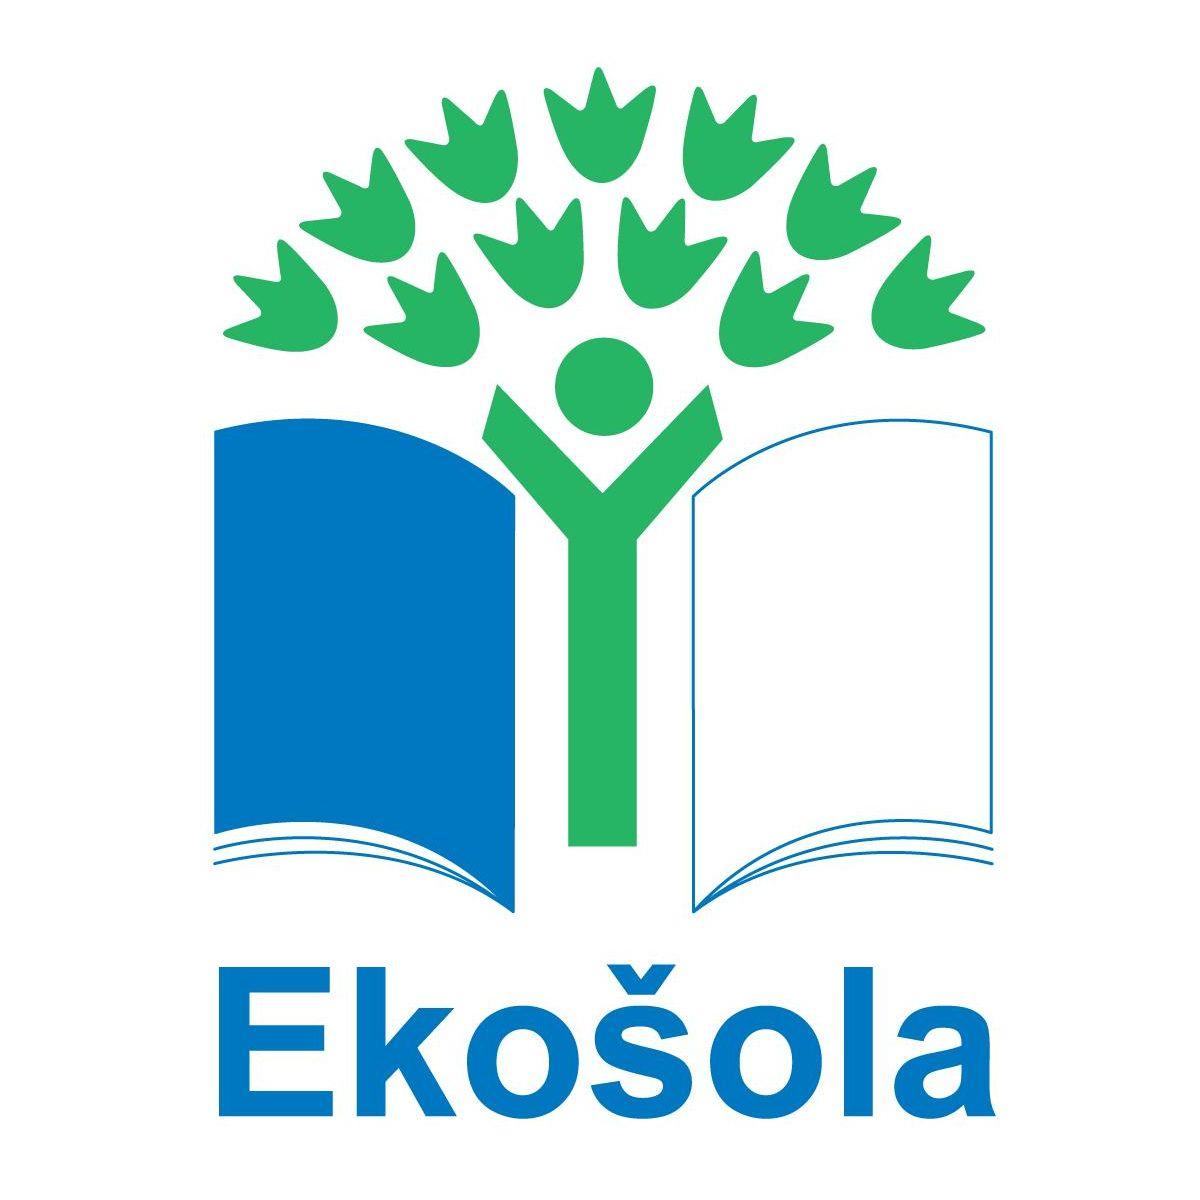 Ekosola_logotip_marec_2011